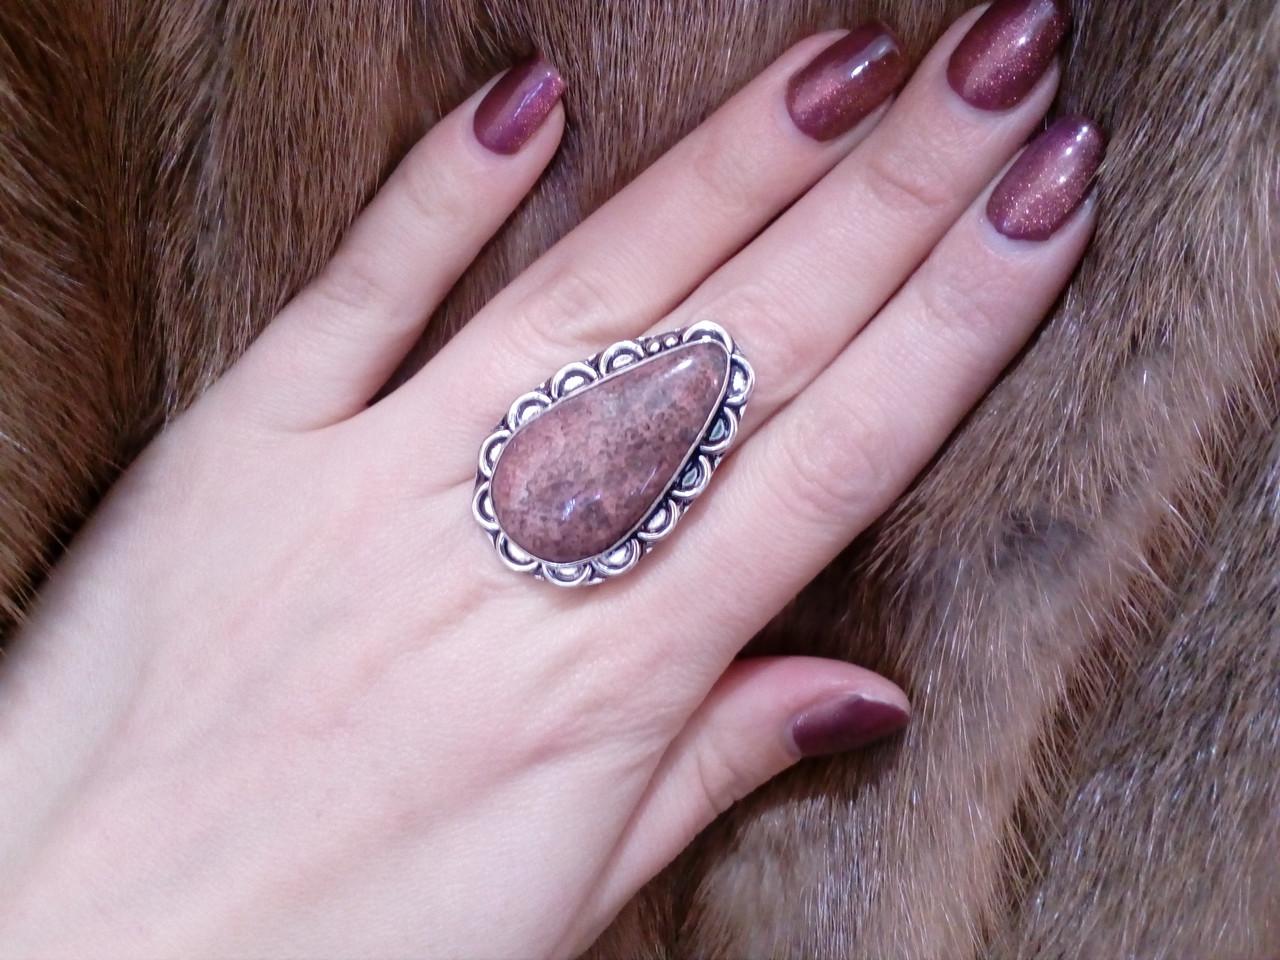 Красивое кольцо с агатом в серебре. Кольцо с камнем агат 17,5 размер Индия